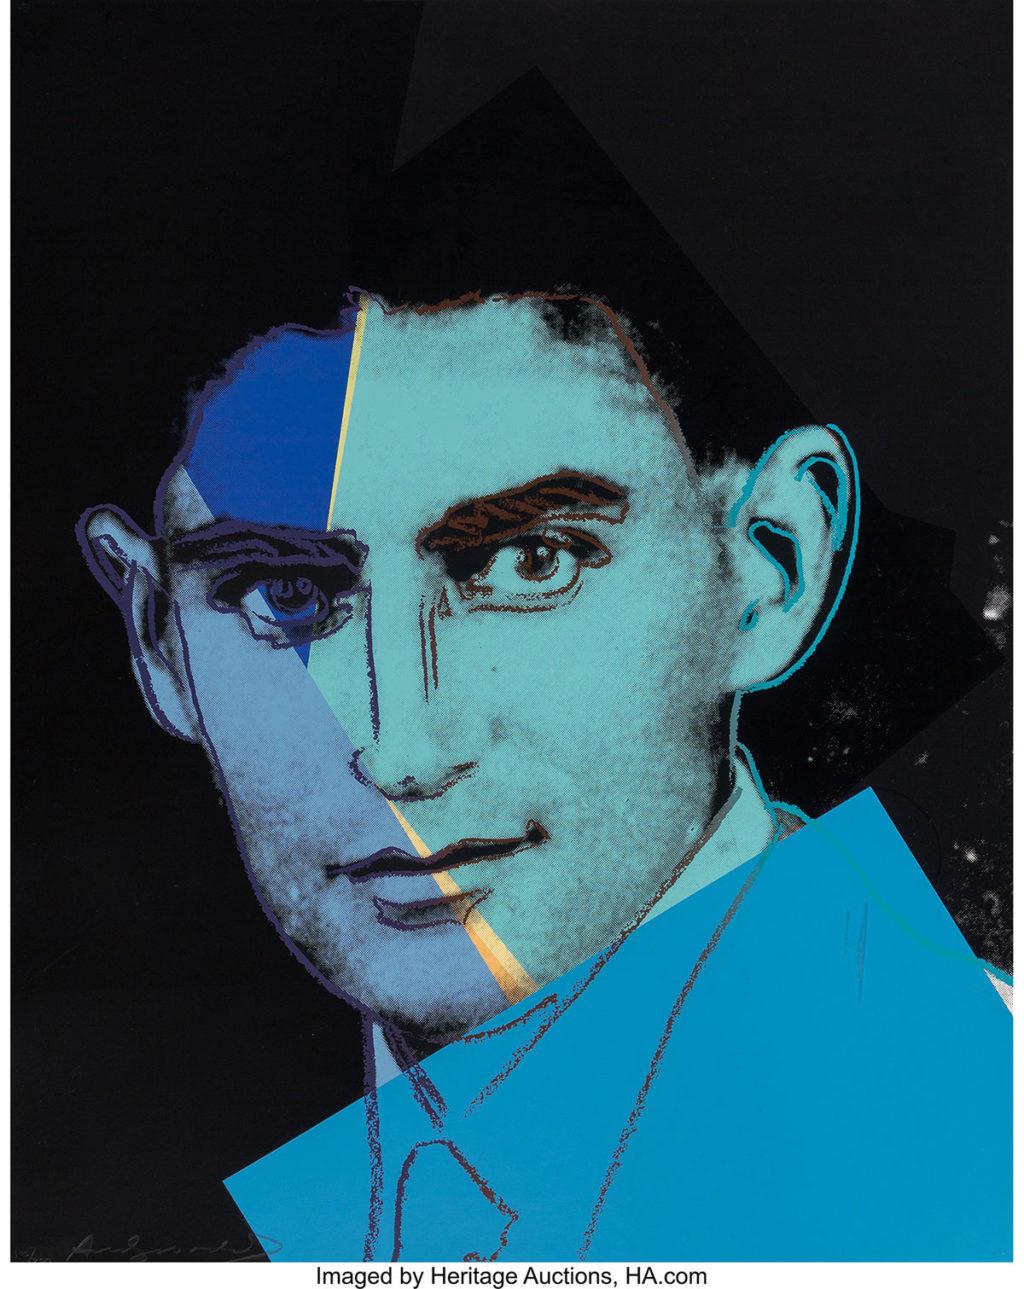 Kafka_Warhol_Heritage-Auctions